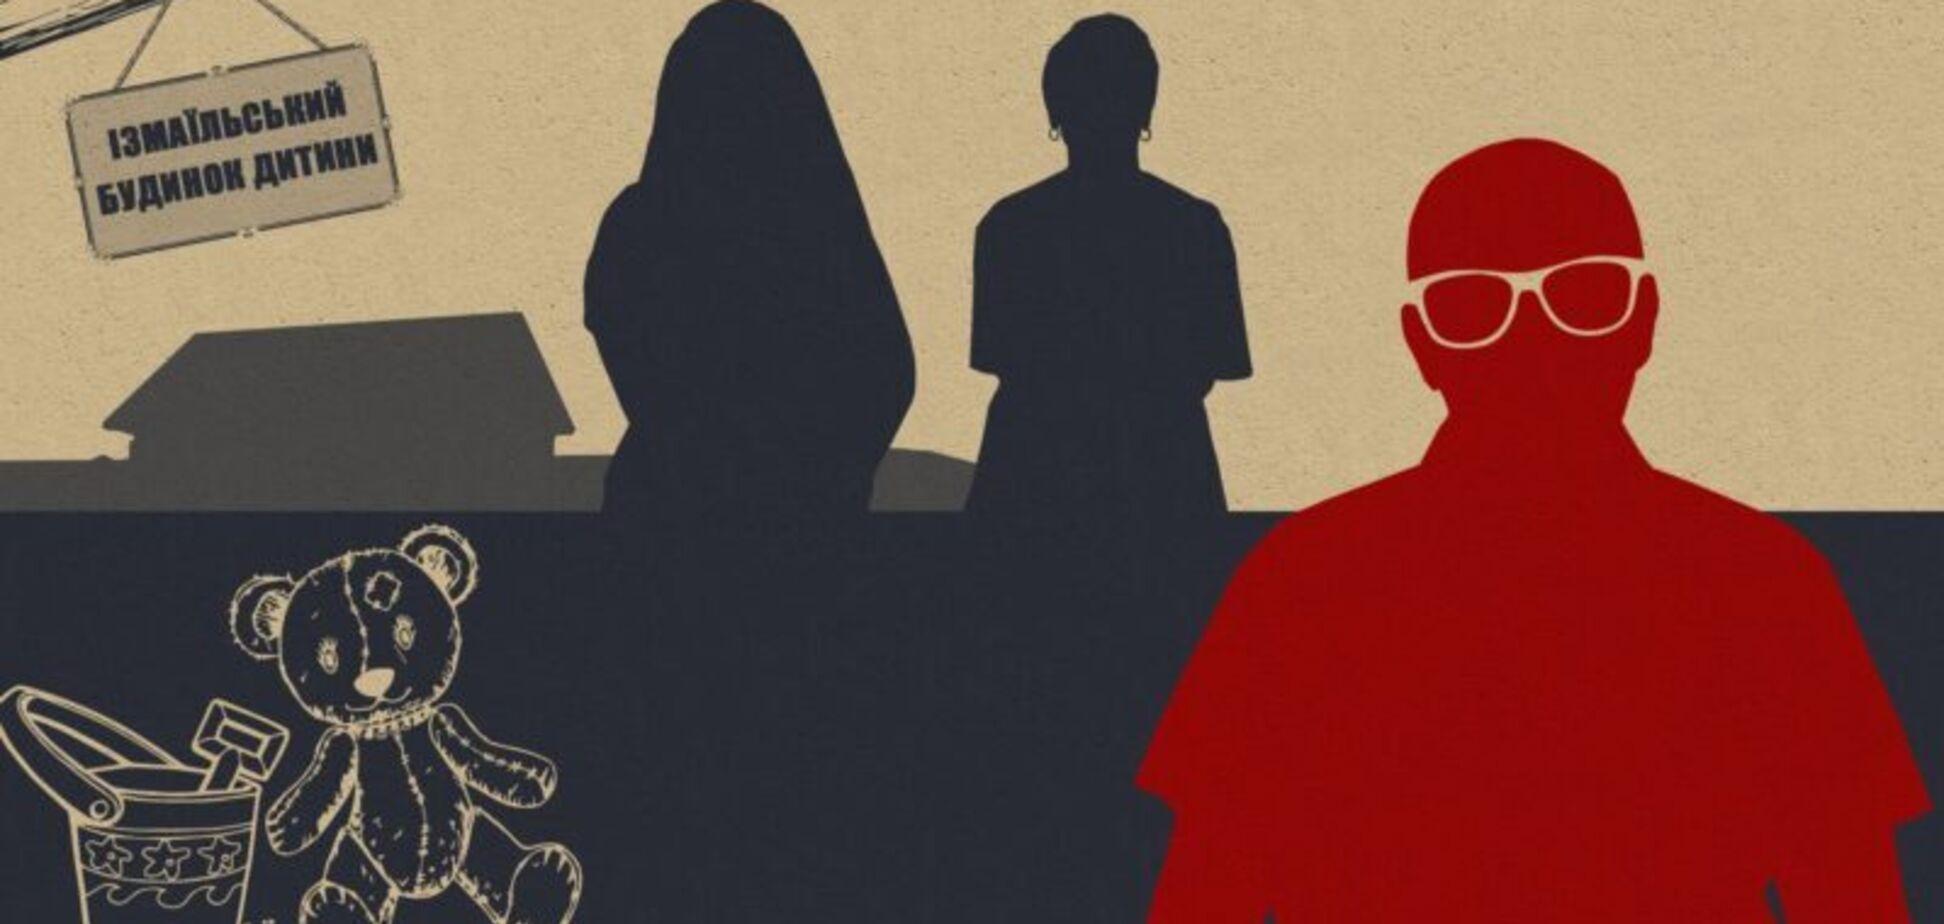 СМИ пообещали рассказать, кто стоит за скандалом с врачом-'педофилом' в Измаиле